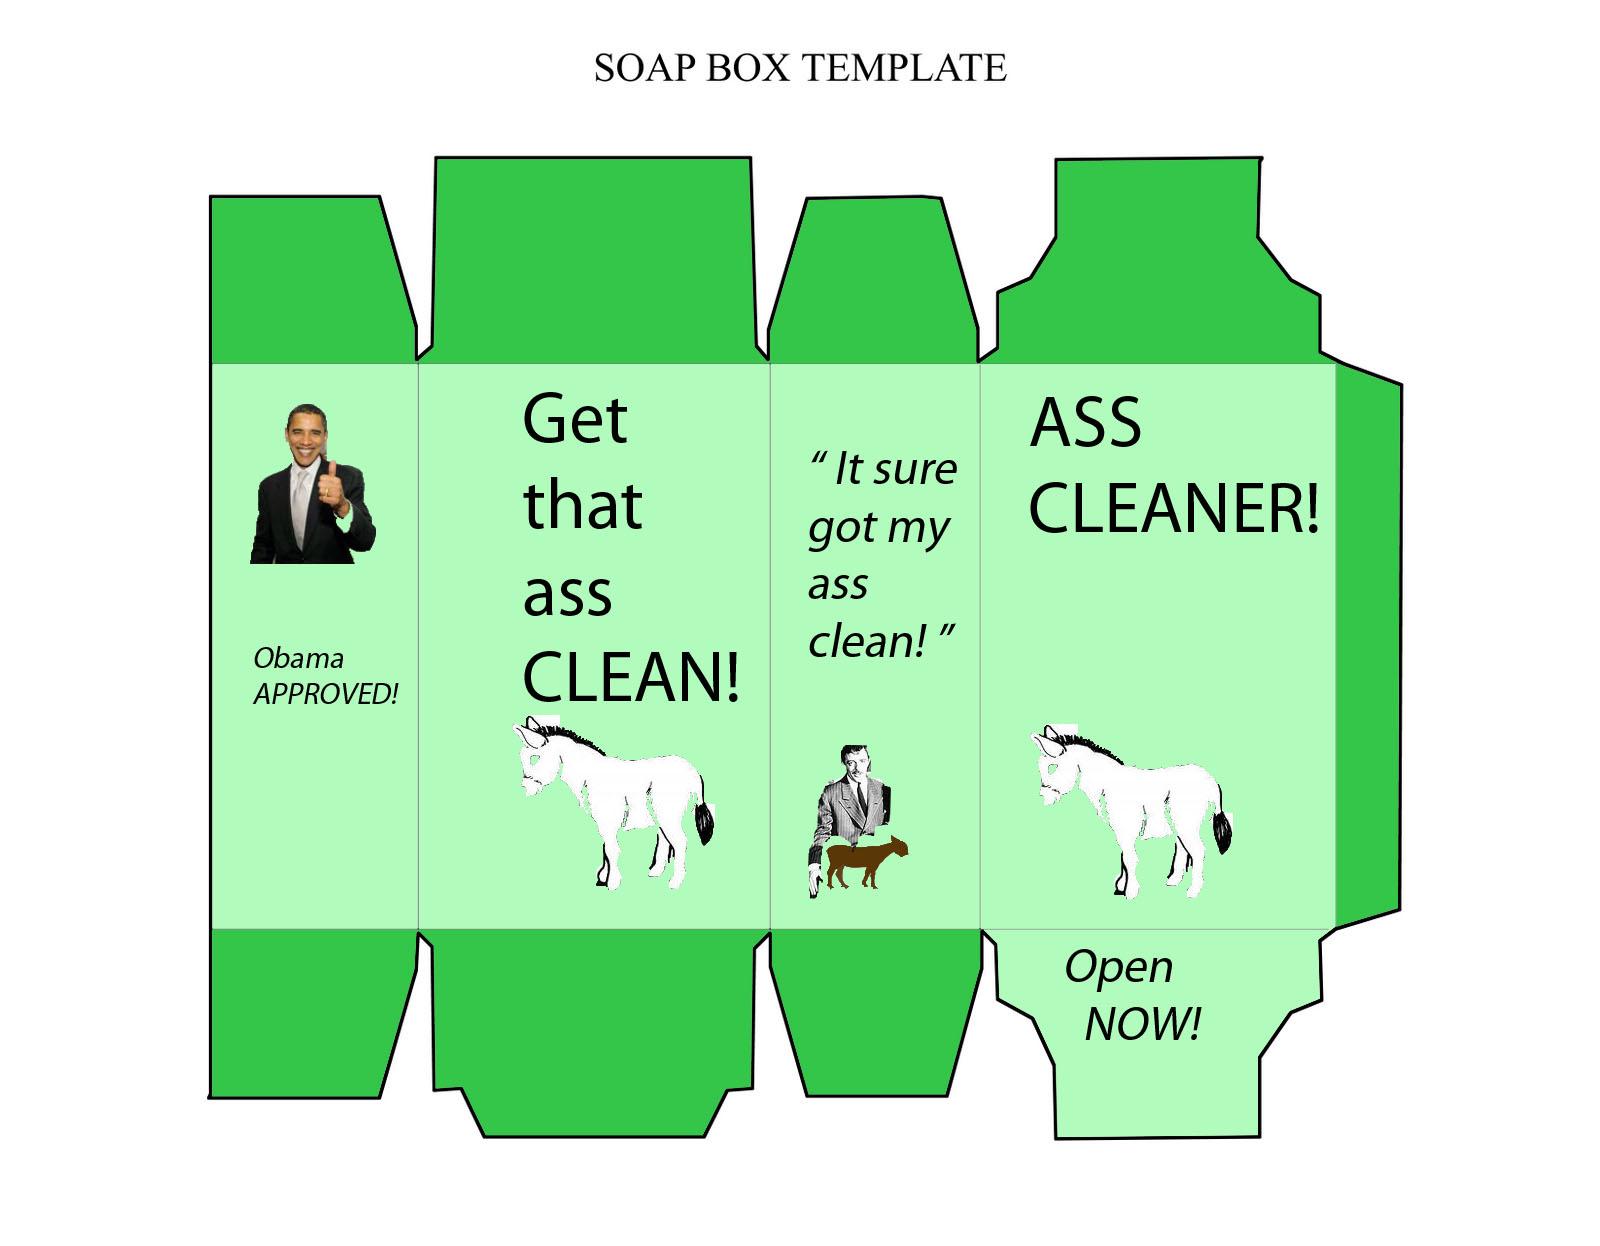 Soap box template car interior design for Soap box design template